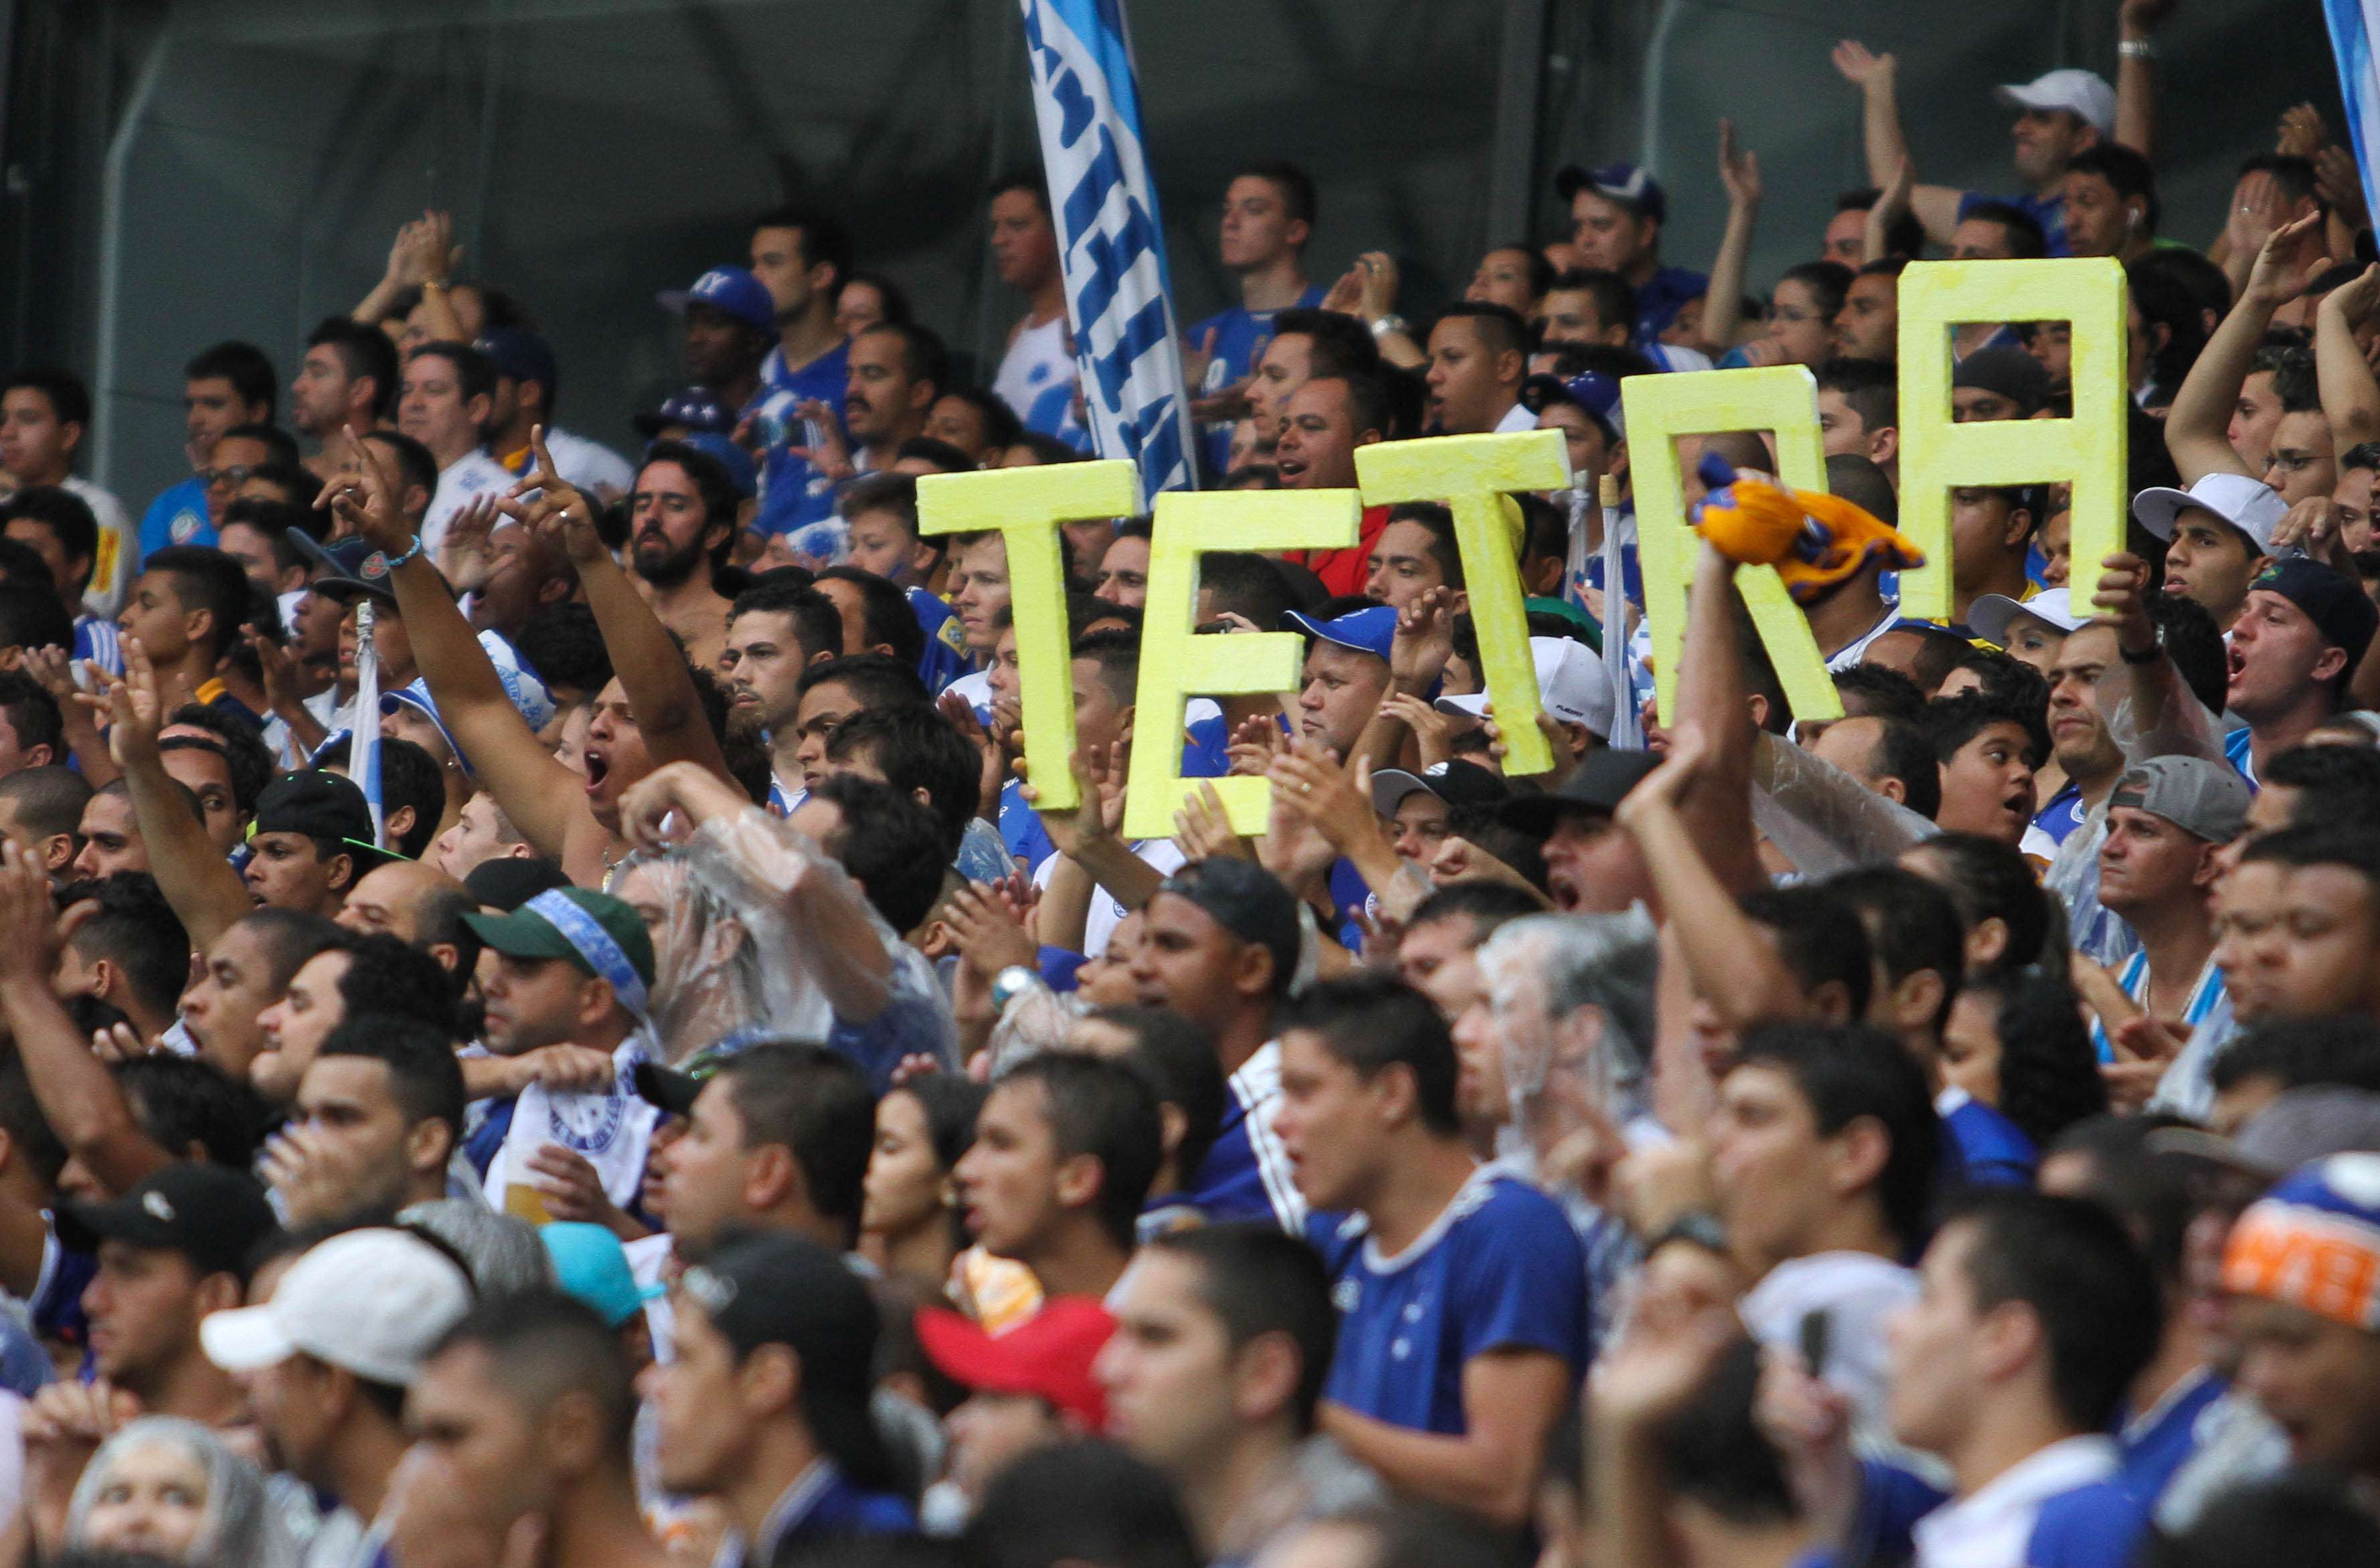 Torcida do Cruzeiro faz a festa com o tetra brasileiro Foto: Gil Leonardi/Agência Lance